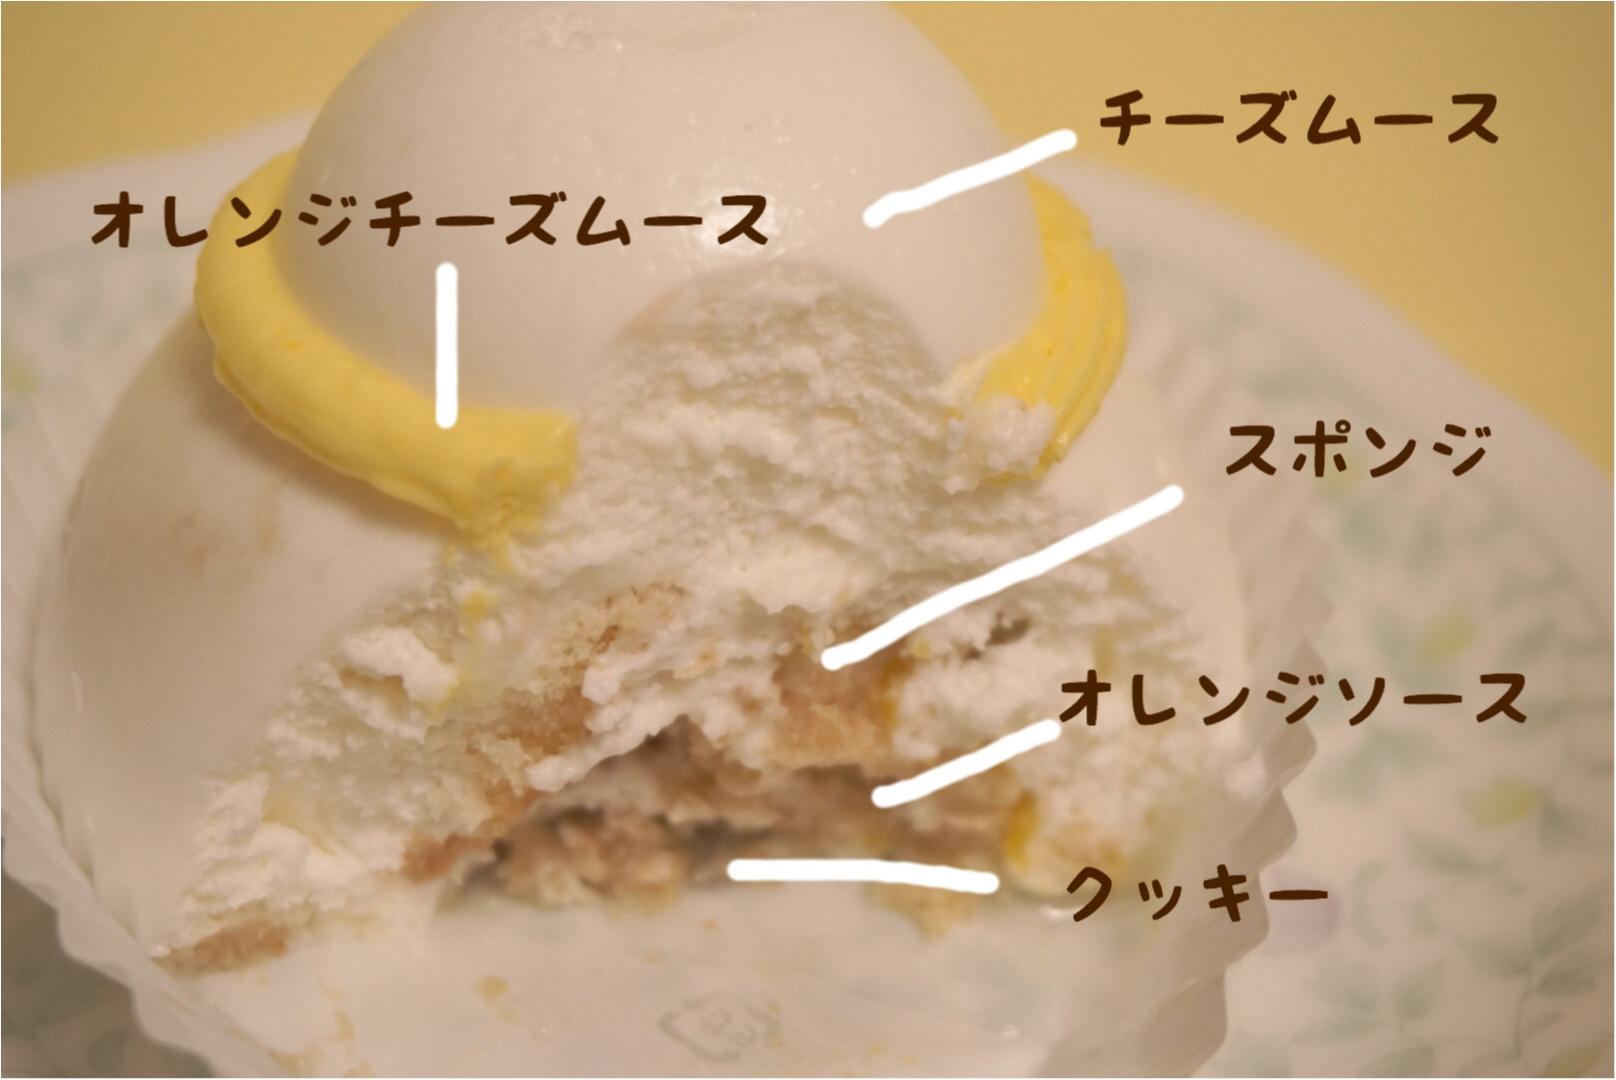 《カメラ必須‼︎》食べるのがもったいない‼︎セブンイレブンのトナカイ&雪の子ケーキが可愛すぎるっ♡_5